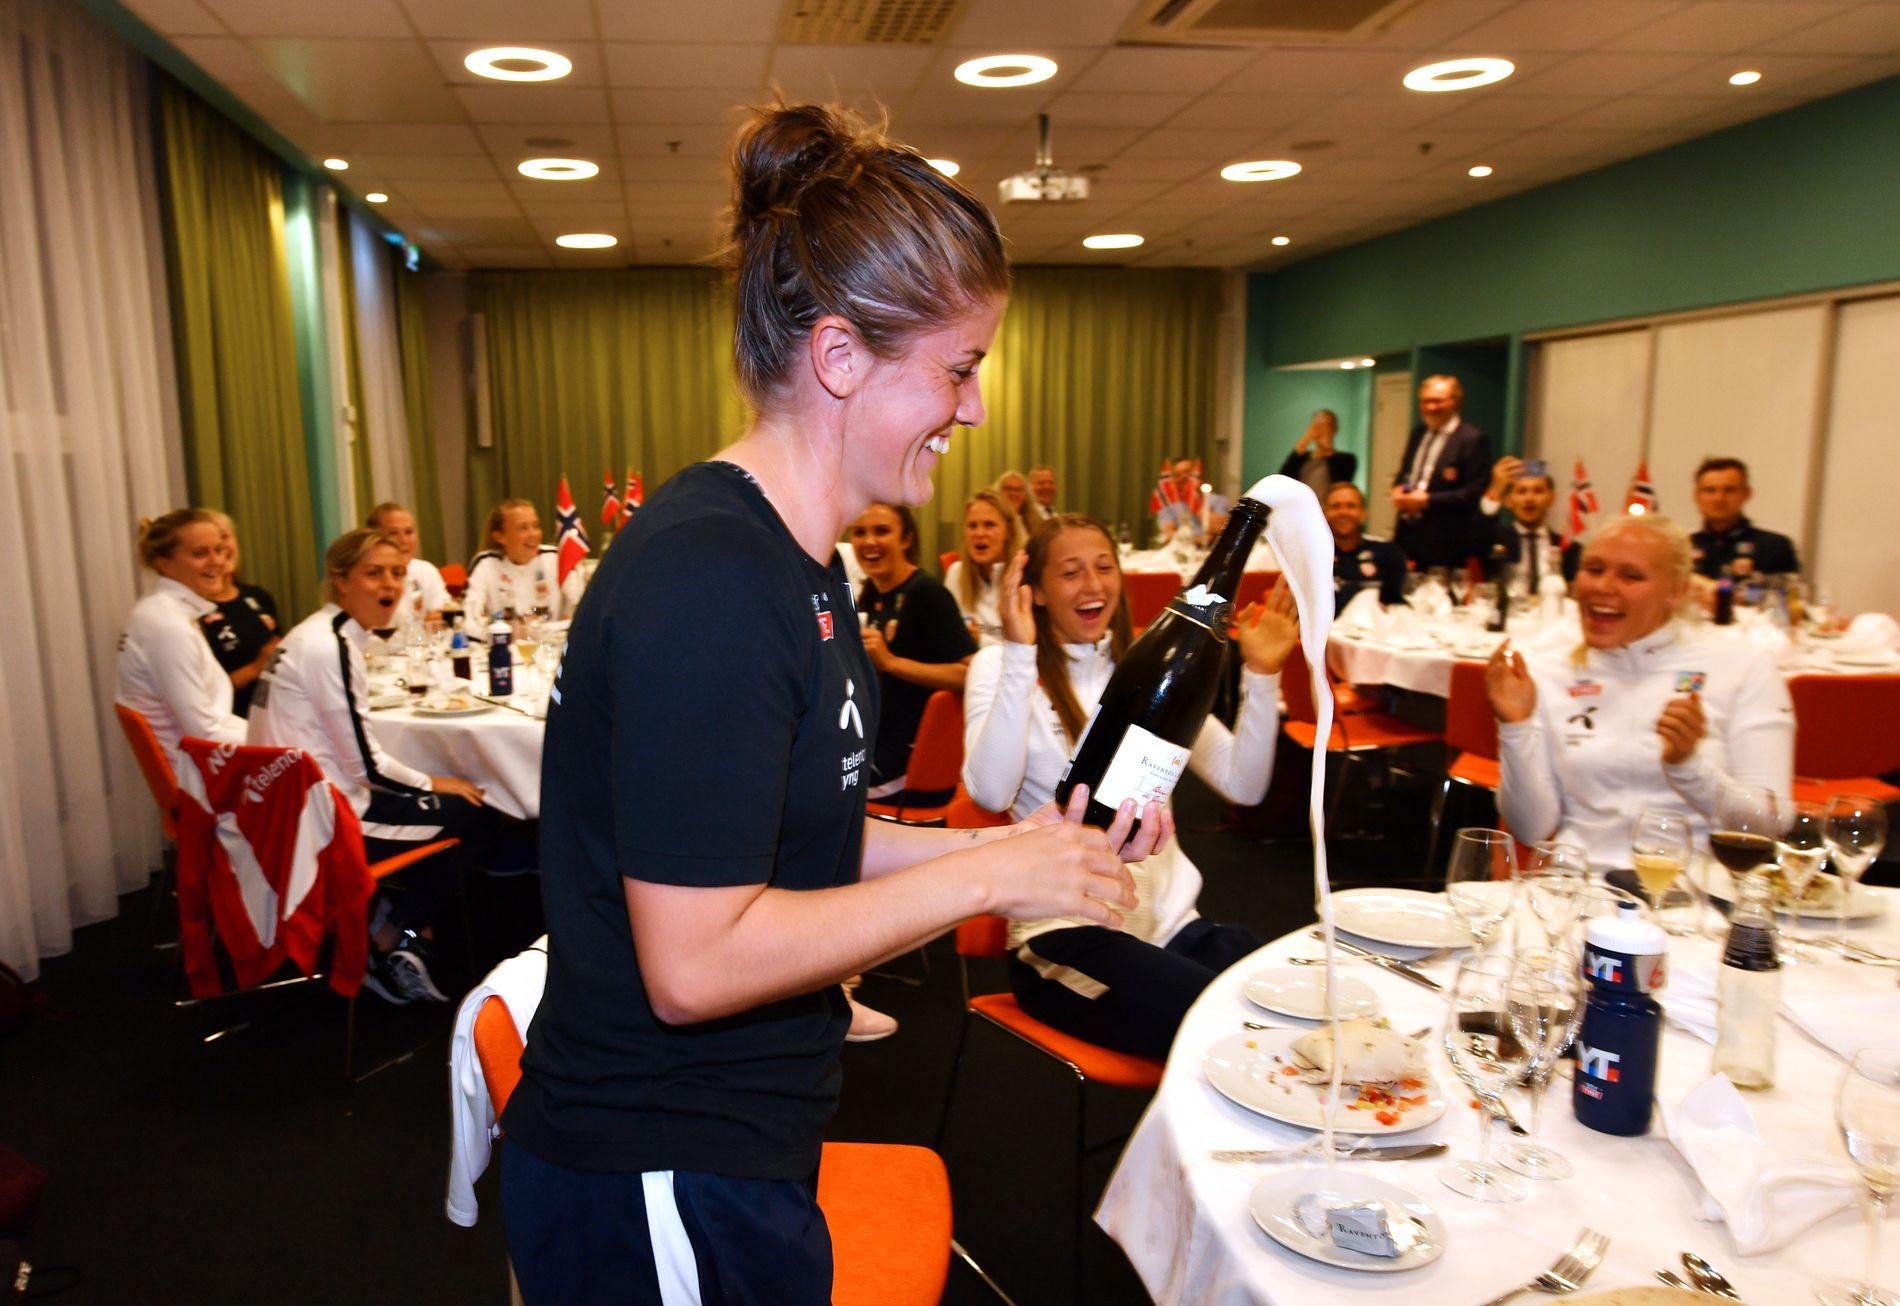 SJAMPIS-TRØBBEL: Maren Mjelde slet lenge med å få sprettet champagnen, men det ble en smak til alle på banketten etter hvert.